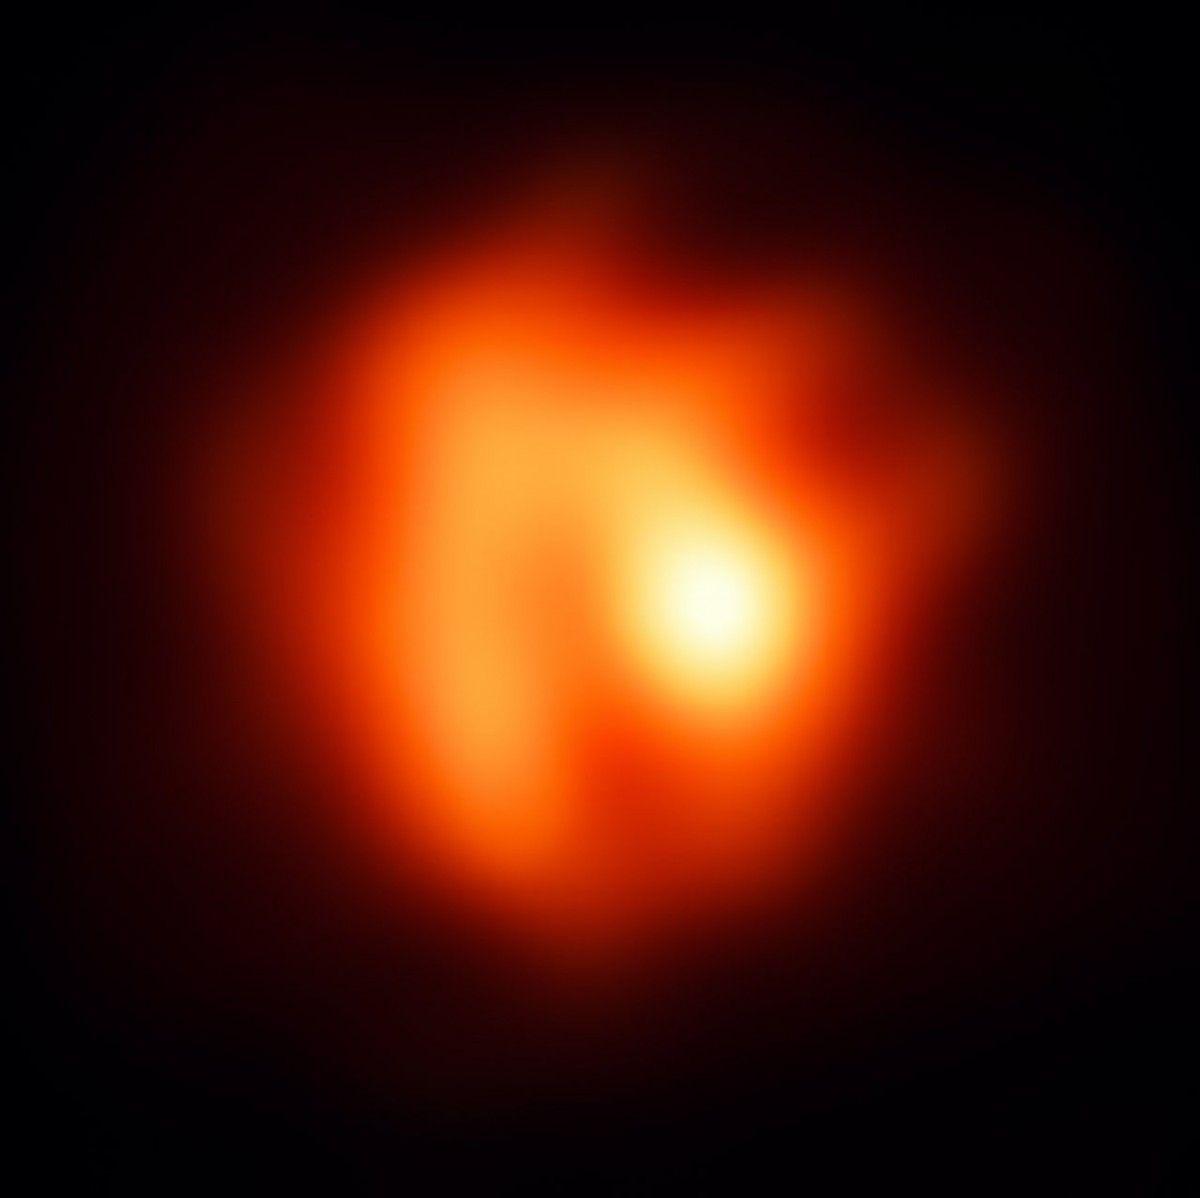 Количество потерянной звездой массы имеет огромное значение для эволюции звезды / фото eso.org